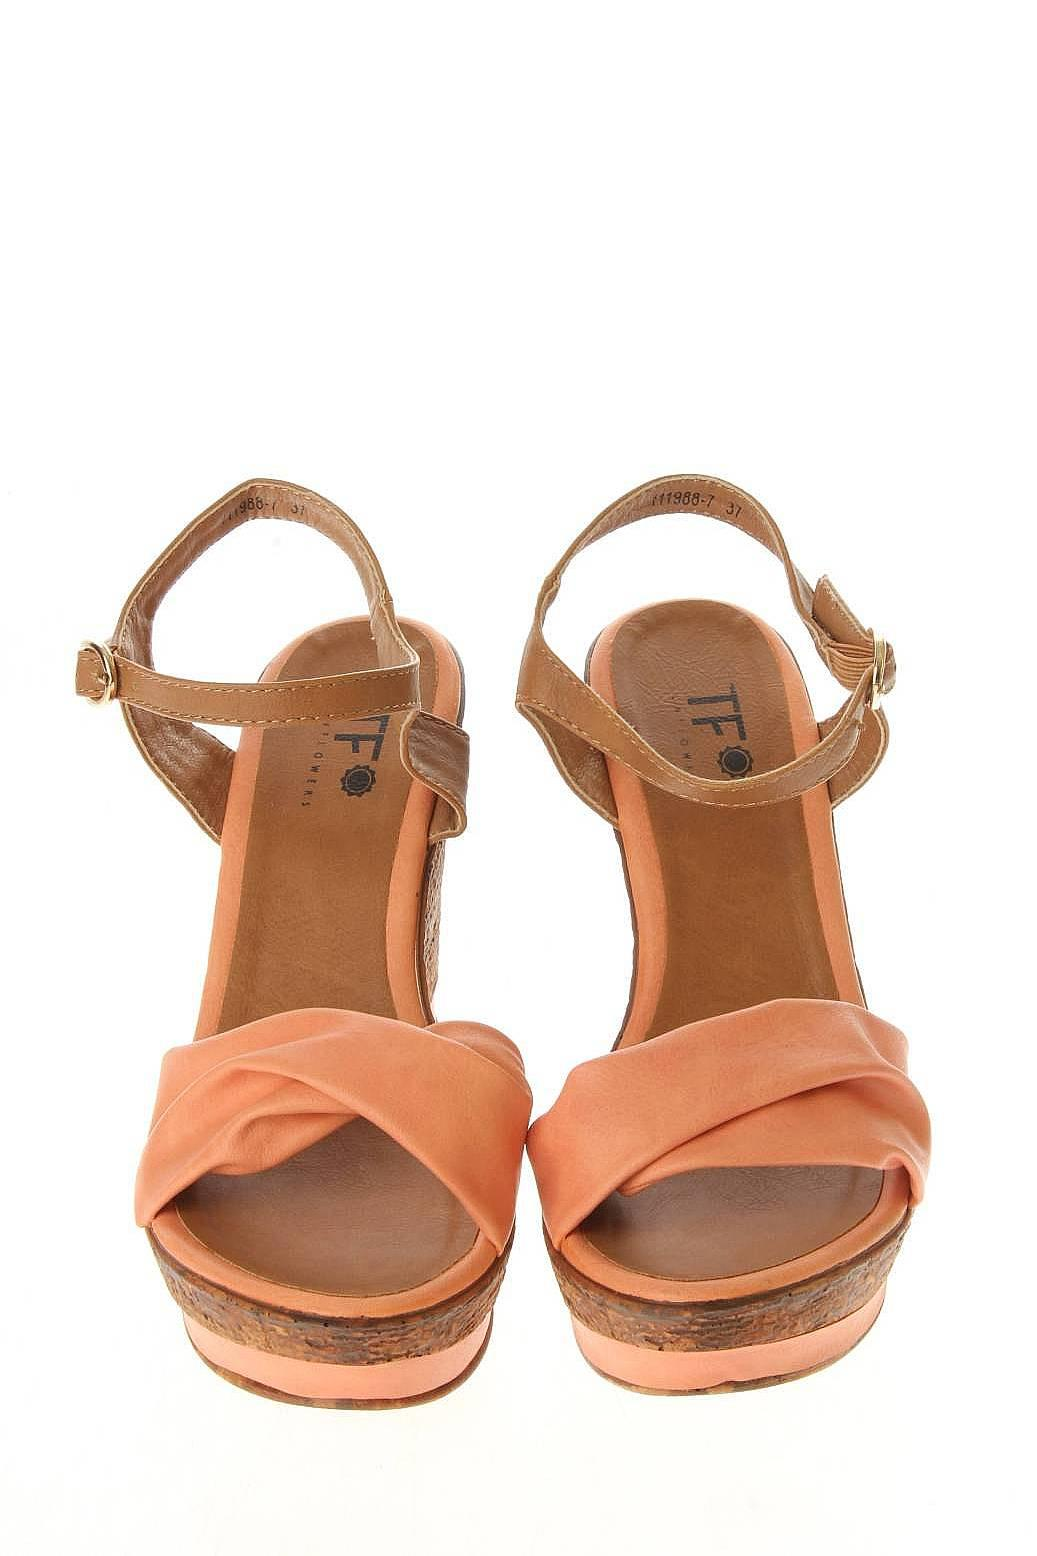 Мужская Обувь Детская Обувь Женская Обувь Туфли Открытые: TF Обувь